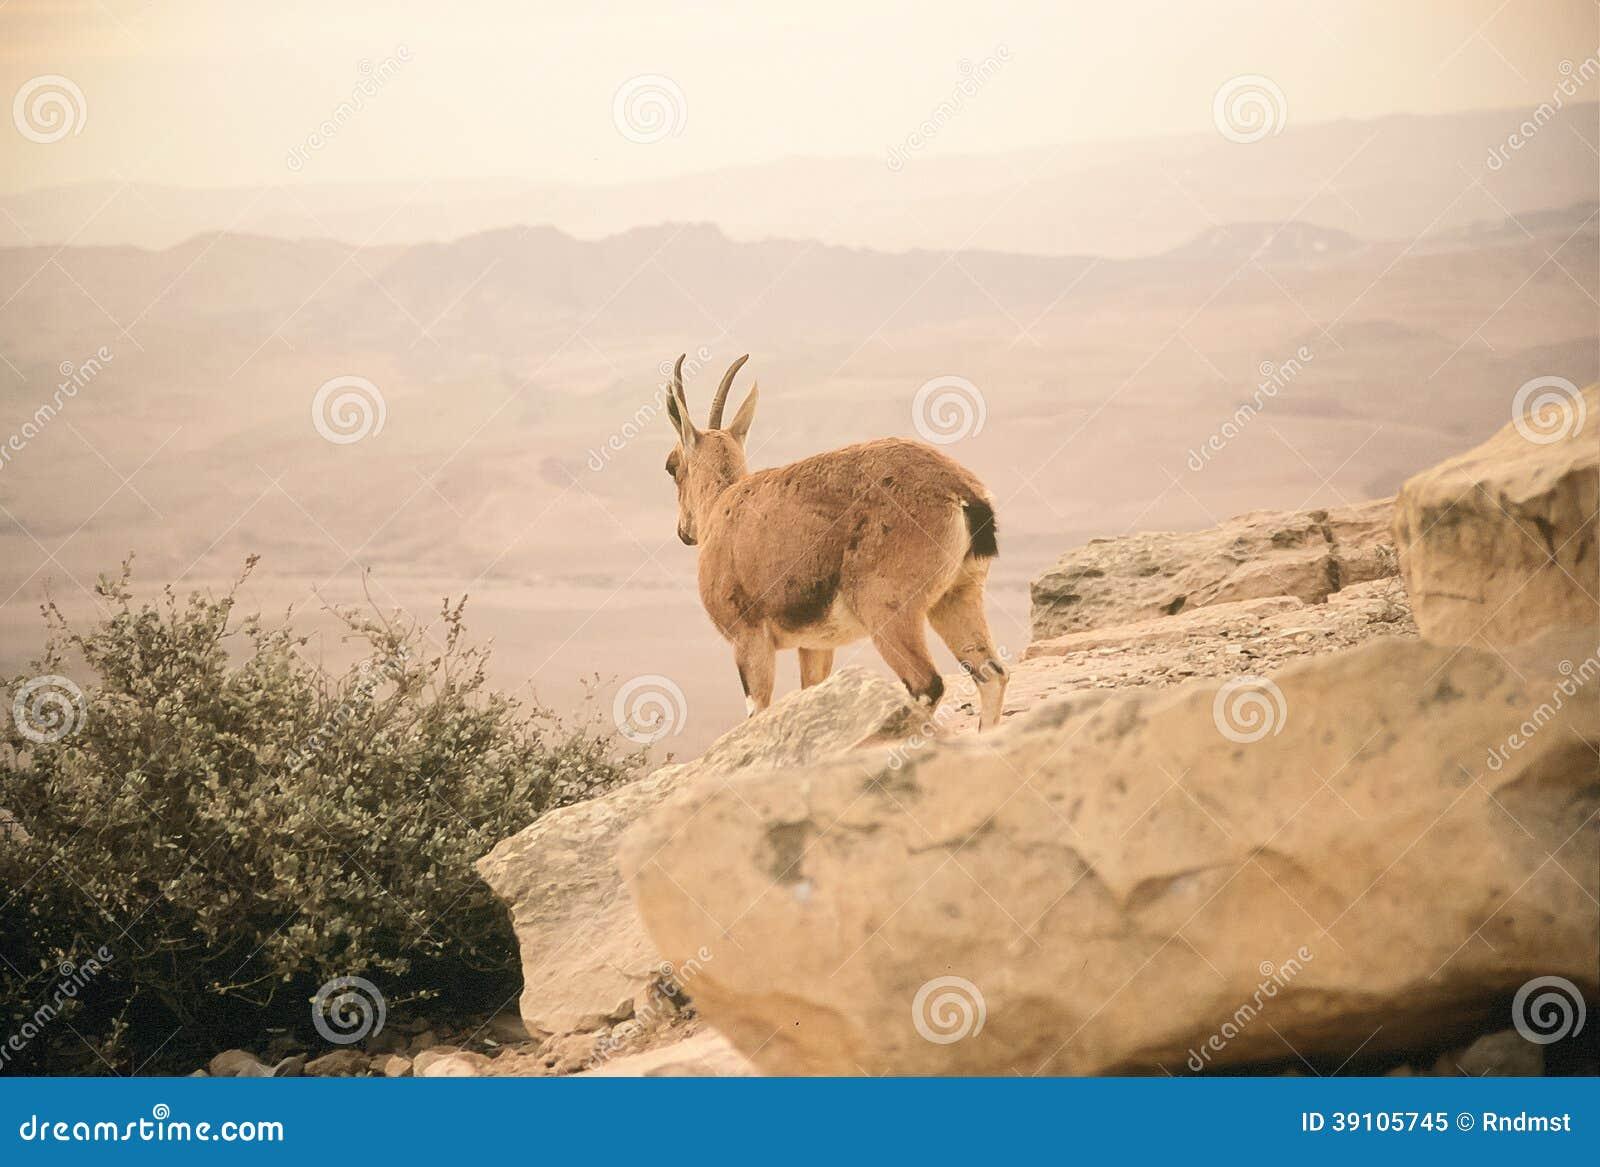 Nubiansteenbok